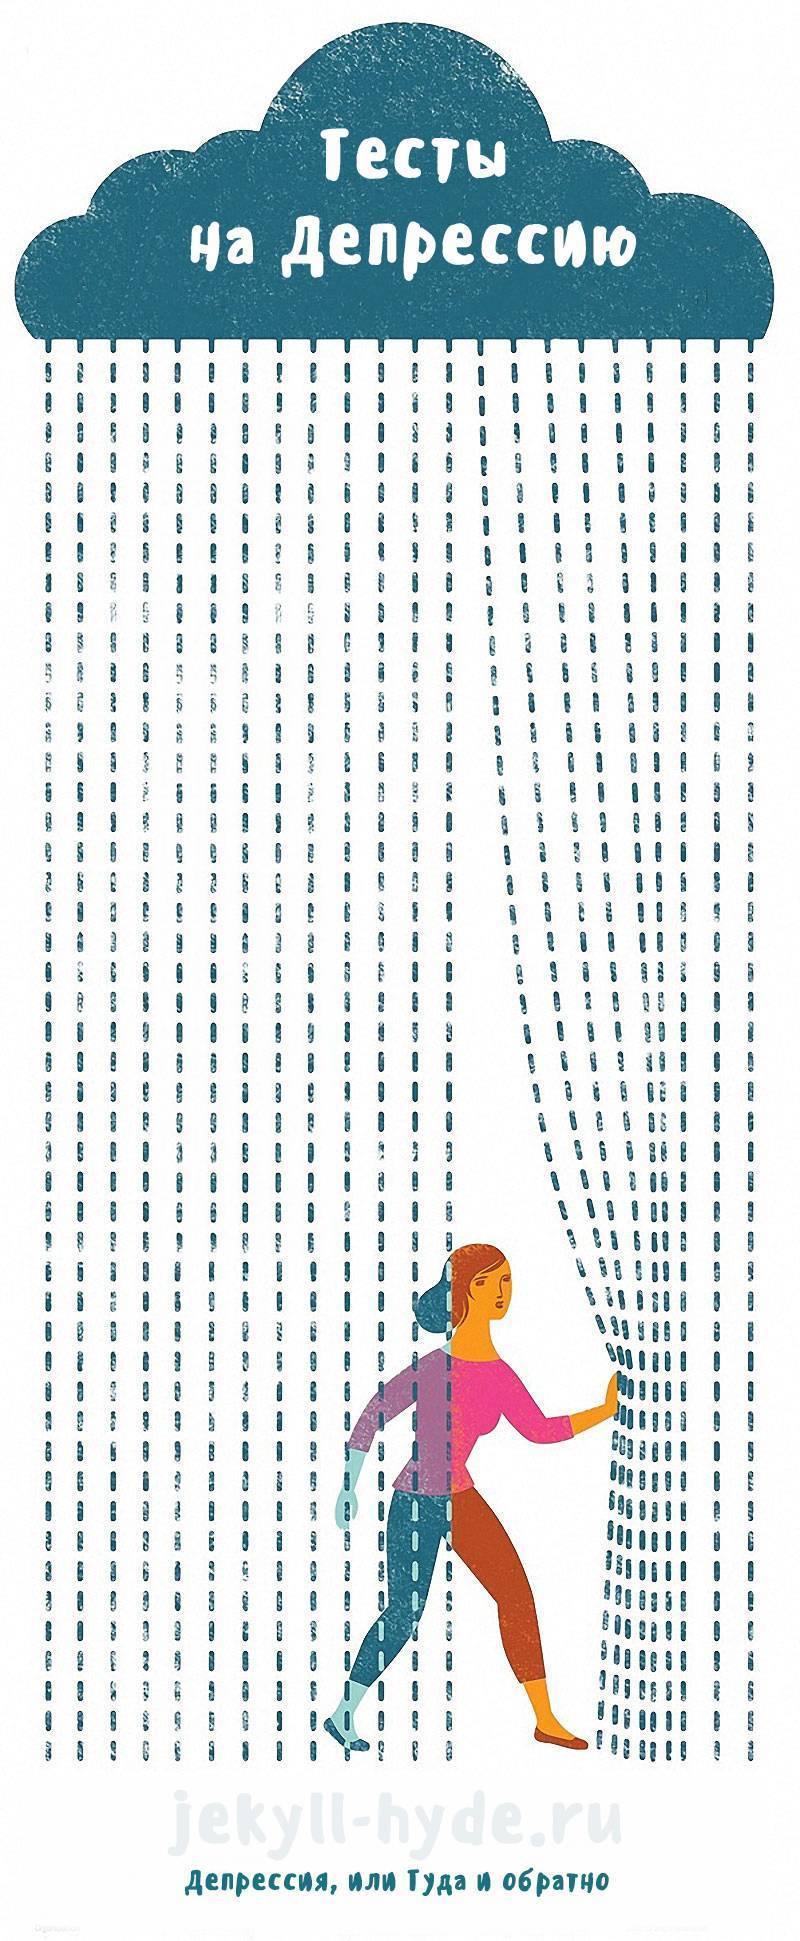 Депрессия — это плохое настроение или психическое заболевание